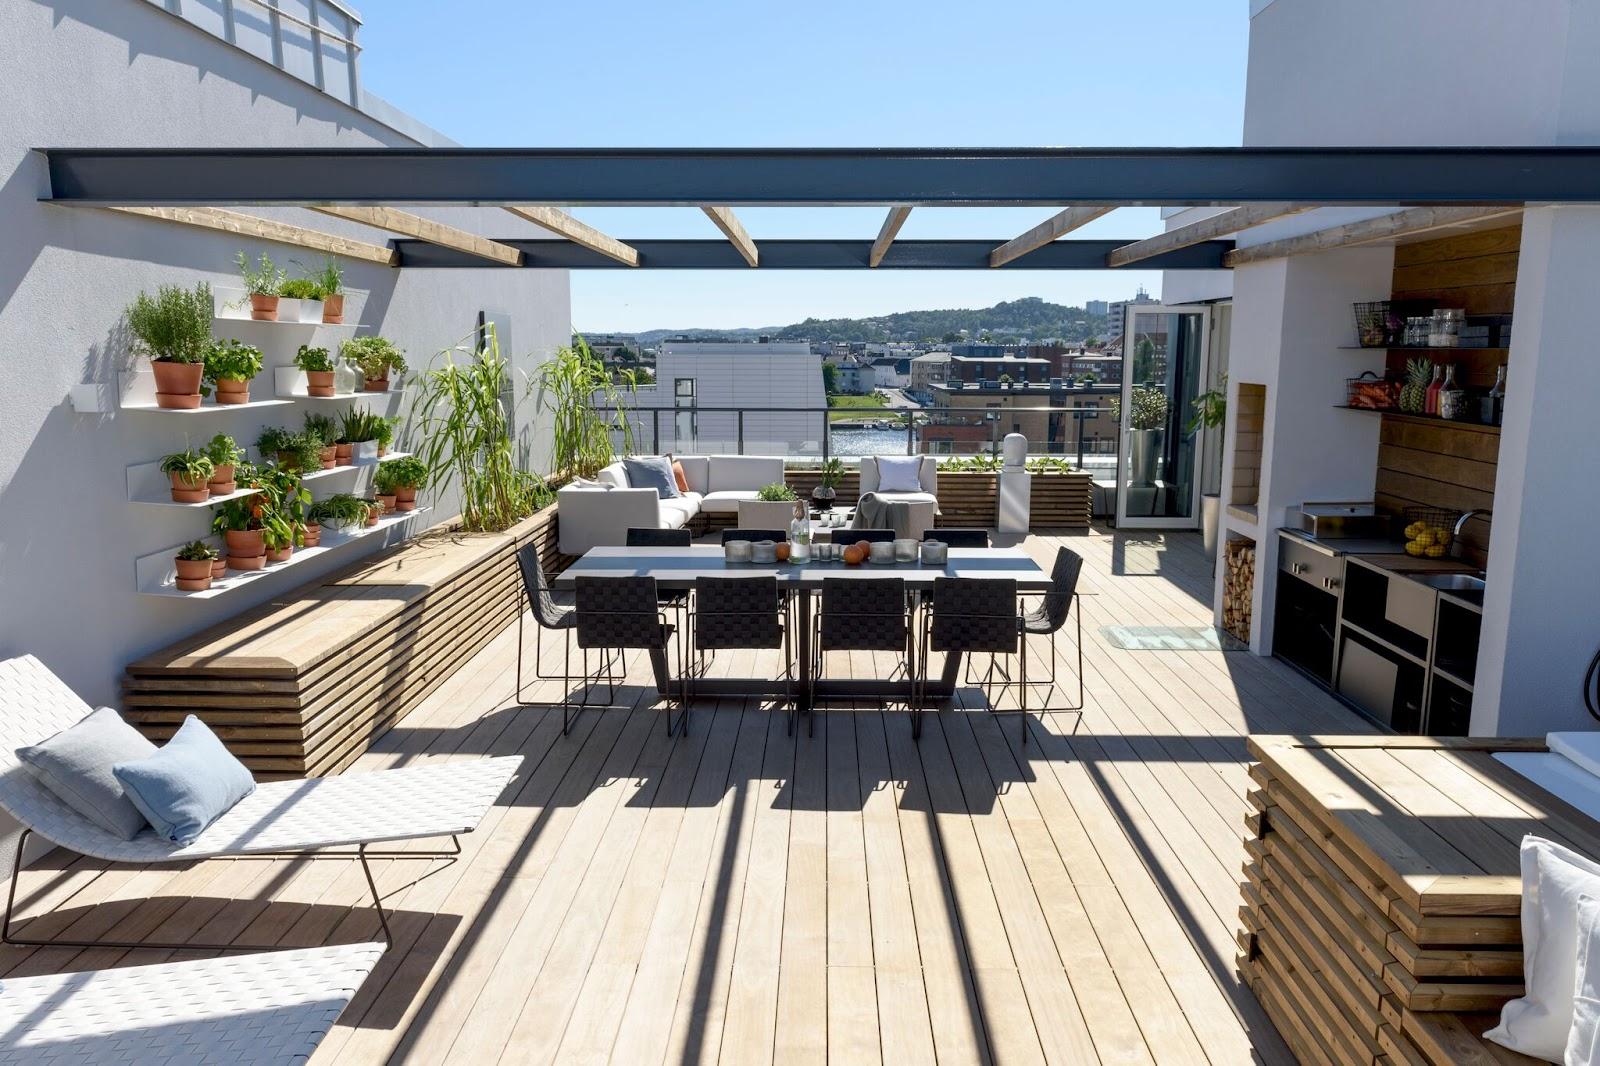 Vedlikeholdsfrie terrassebord brukt på en takterrasse